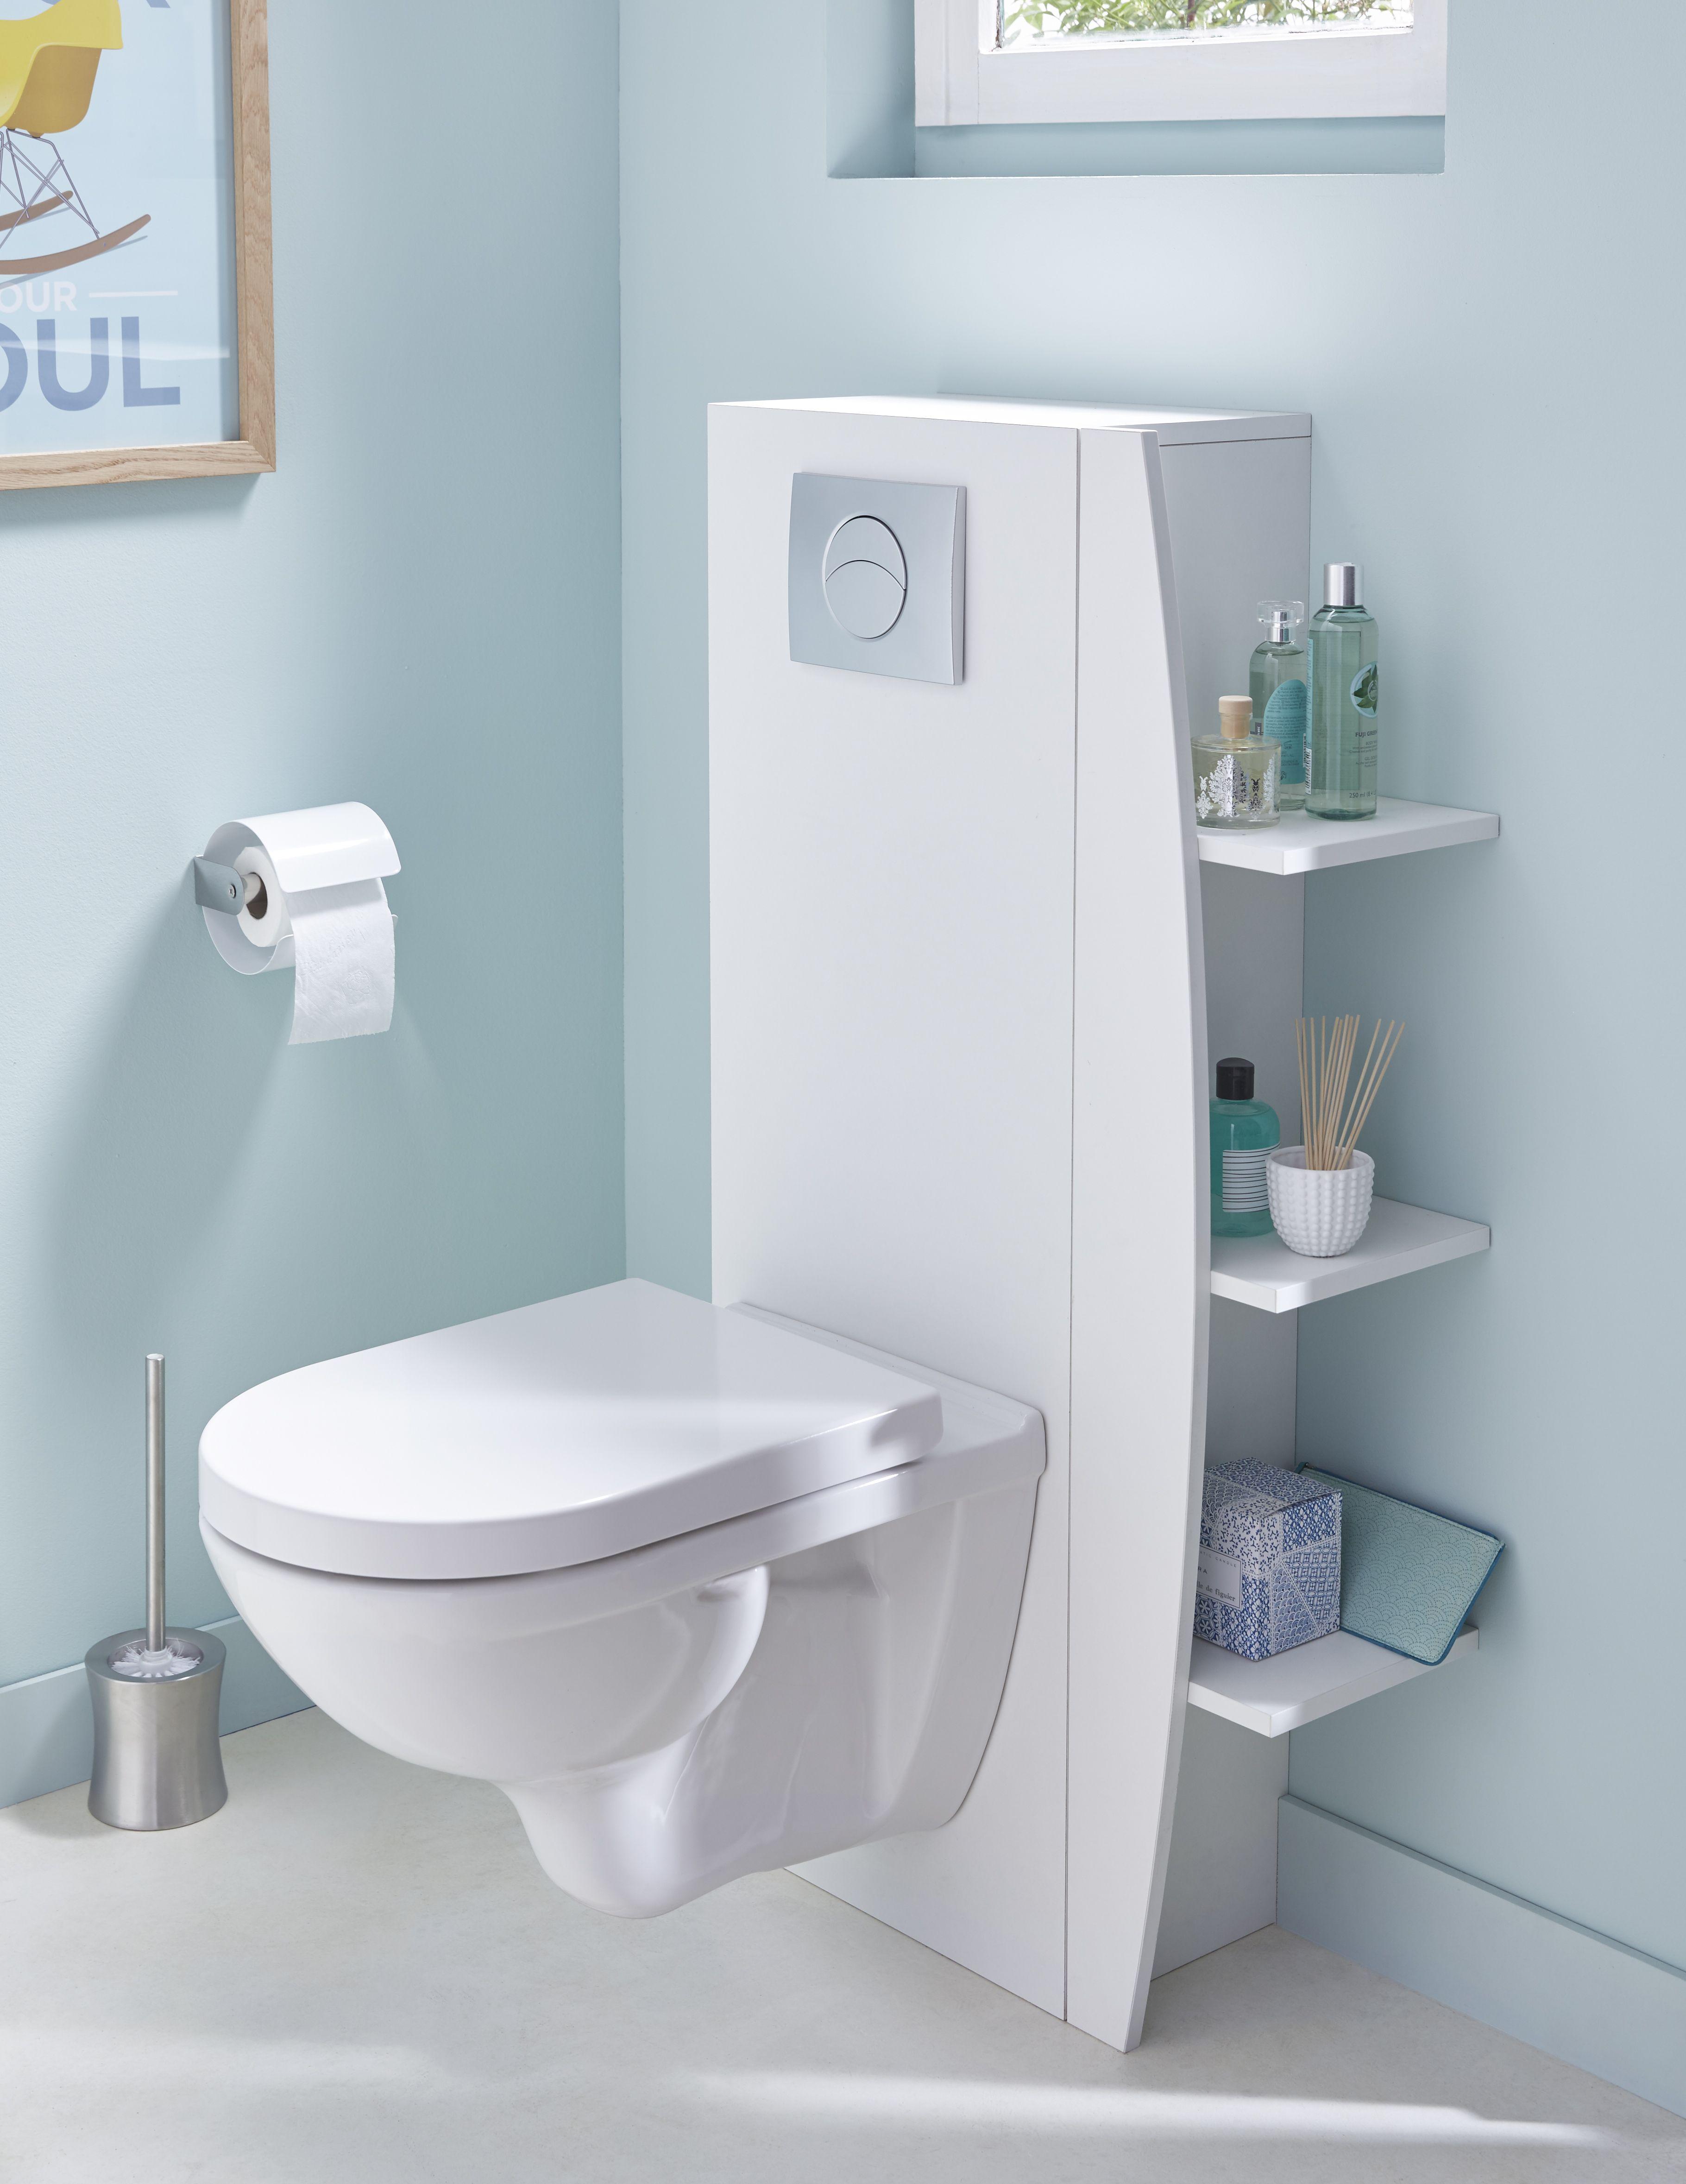 Étagère 3 Tablettes Blanche Tenax | Amenagement Toilettes avec Salle De Bain Pour Handicapé